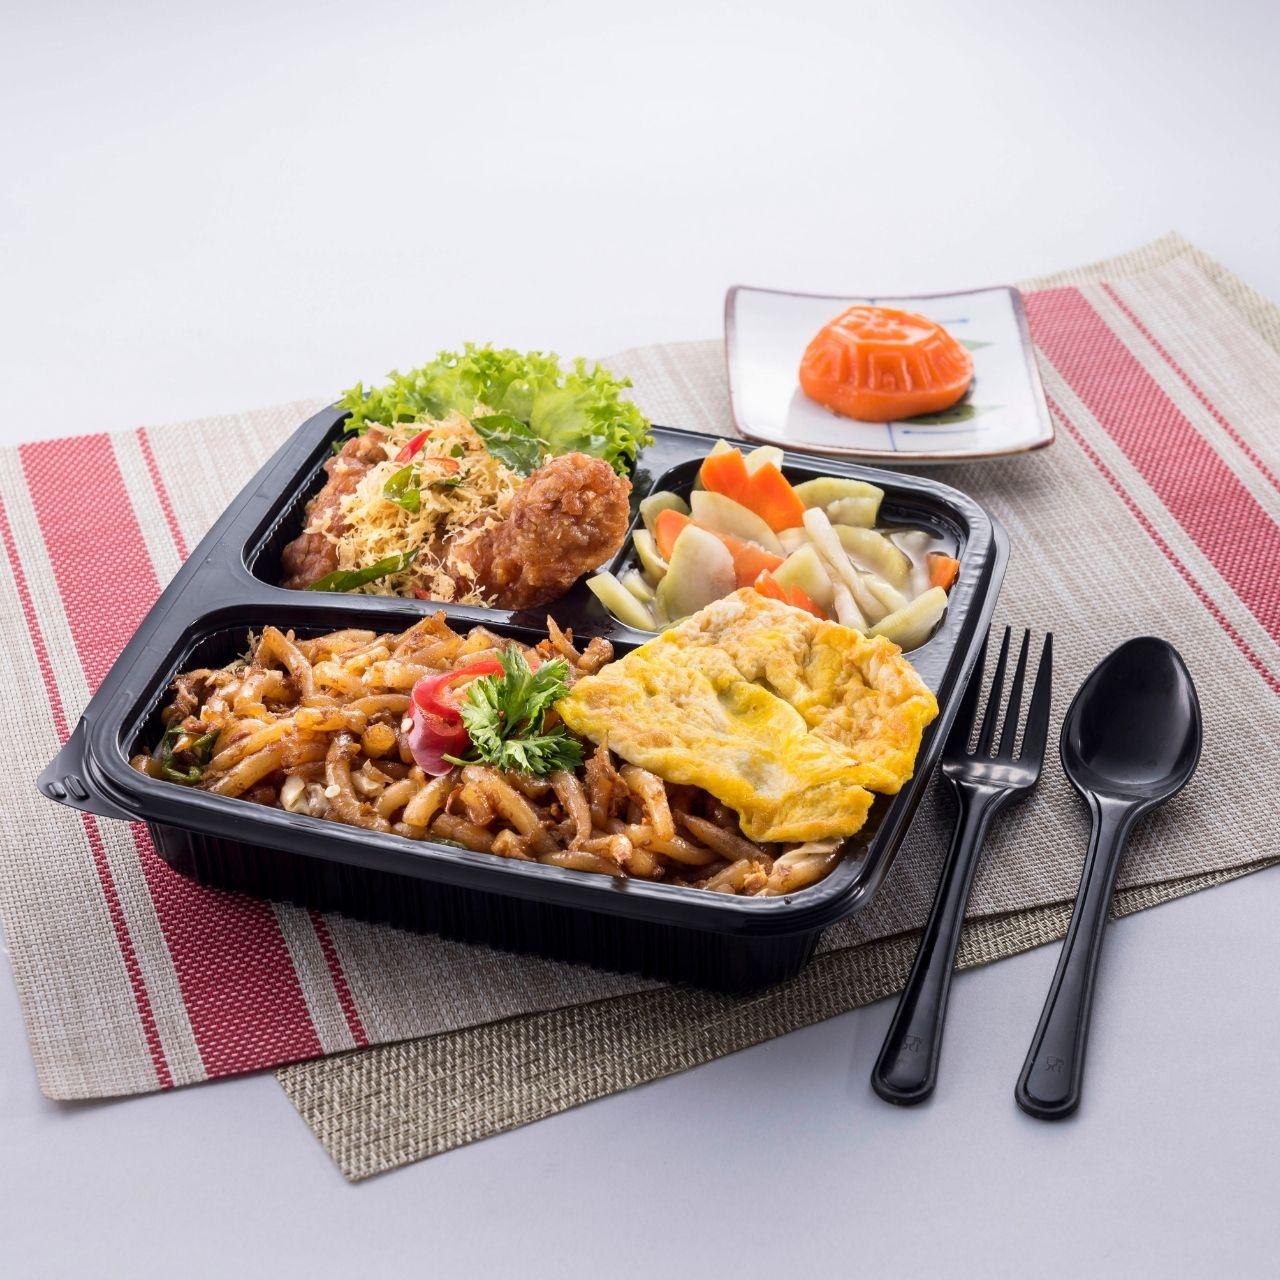 runningmen catering bento box fried lou xu fan with fried butter chicken